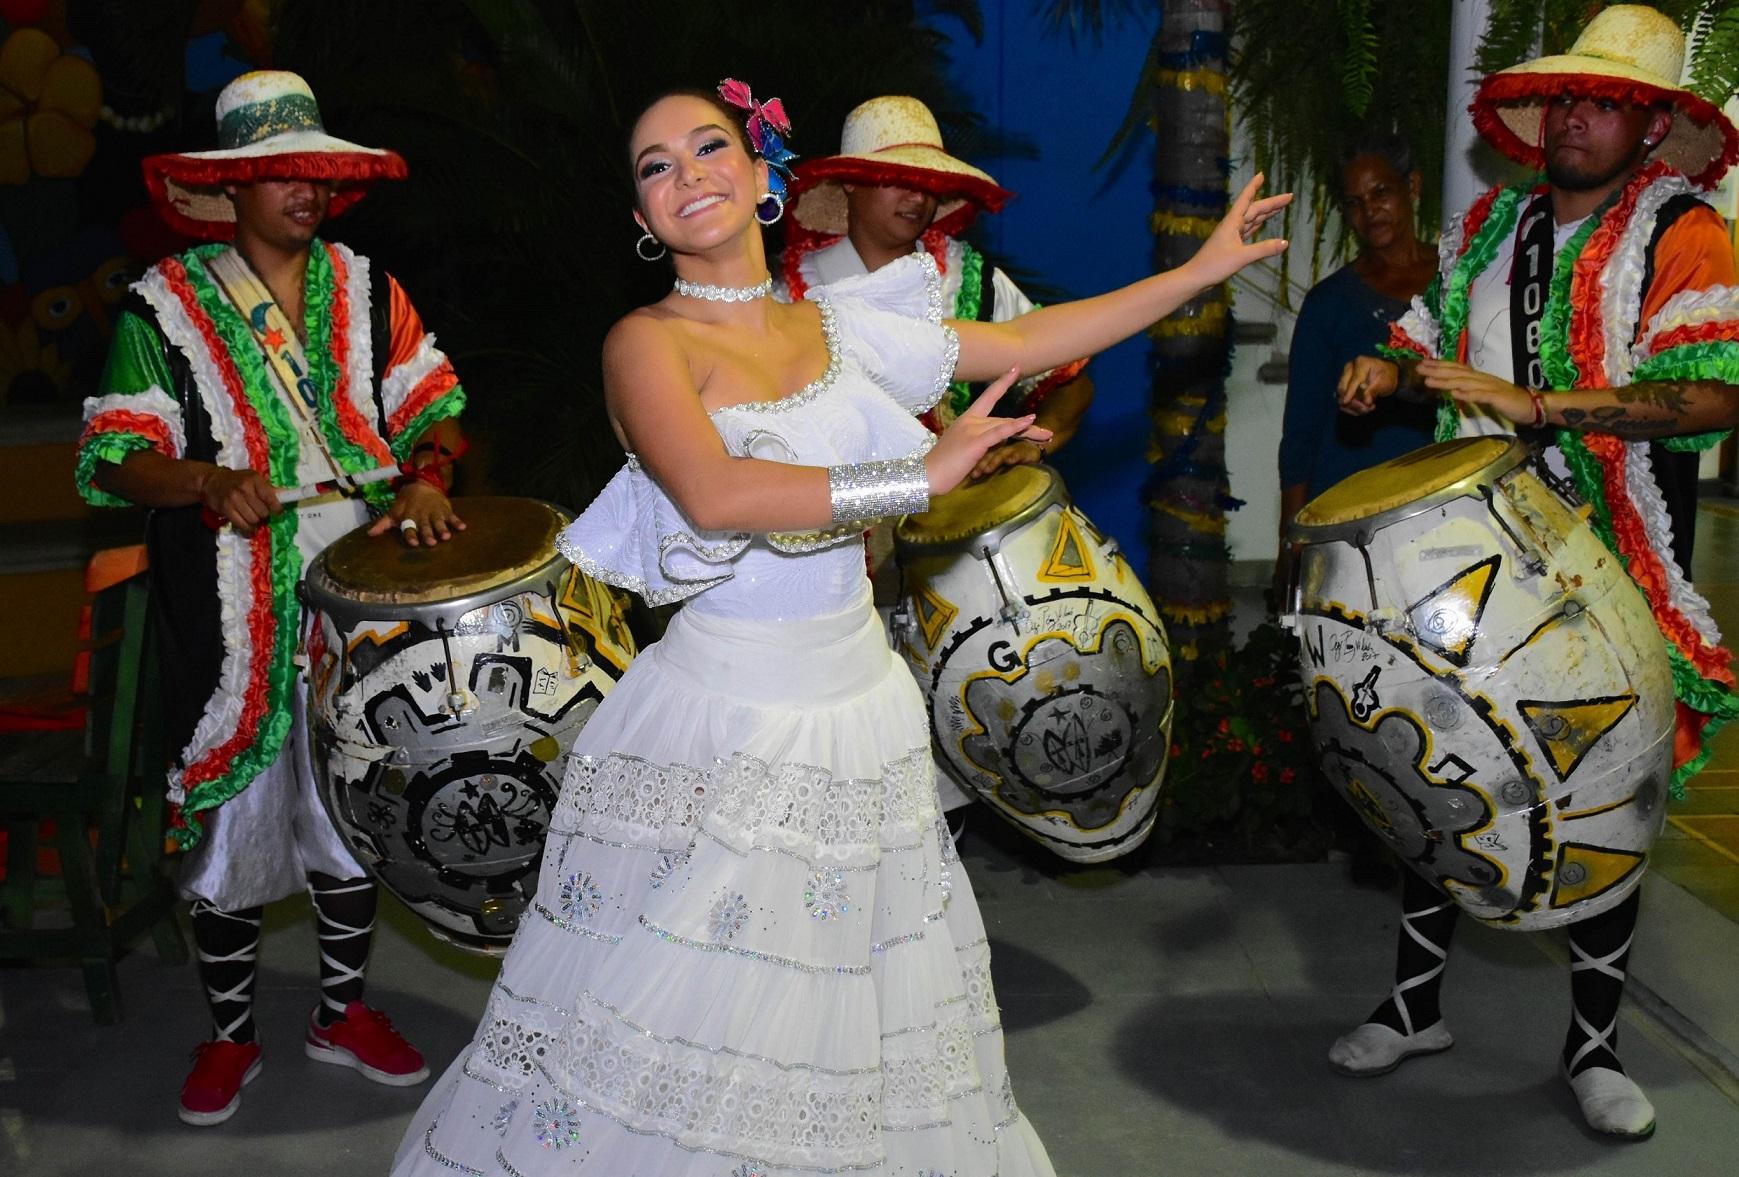 La Reina Valeria Abuchaibe danzó al son de la comparsa uruguaya